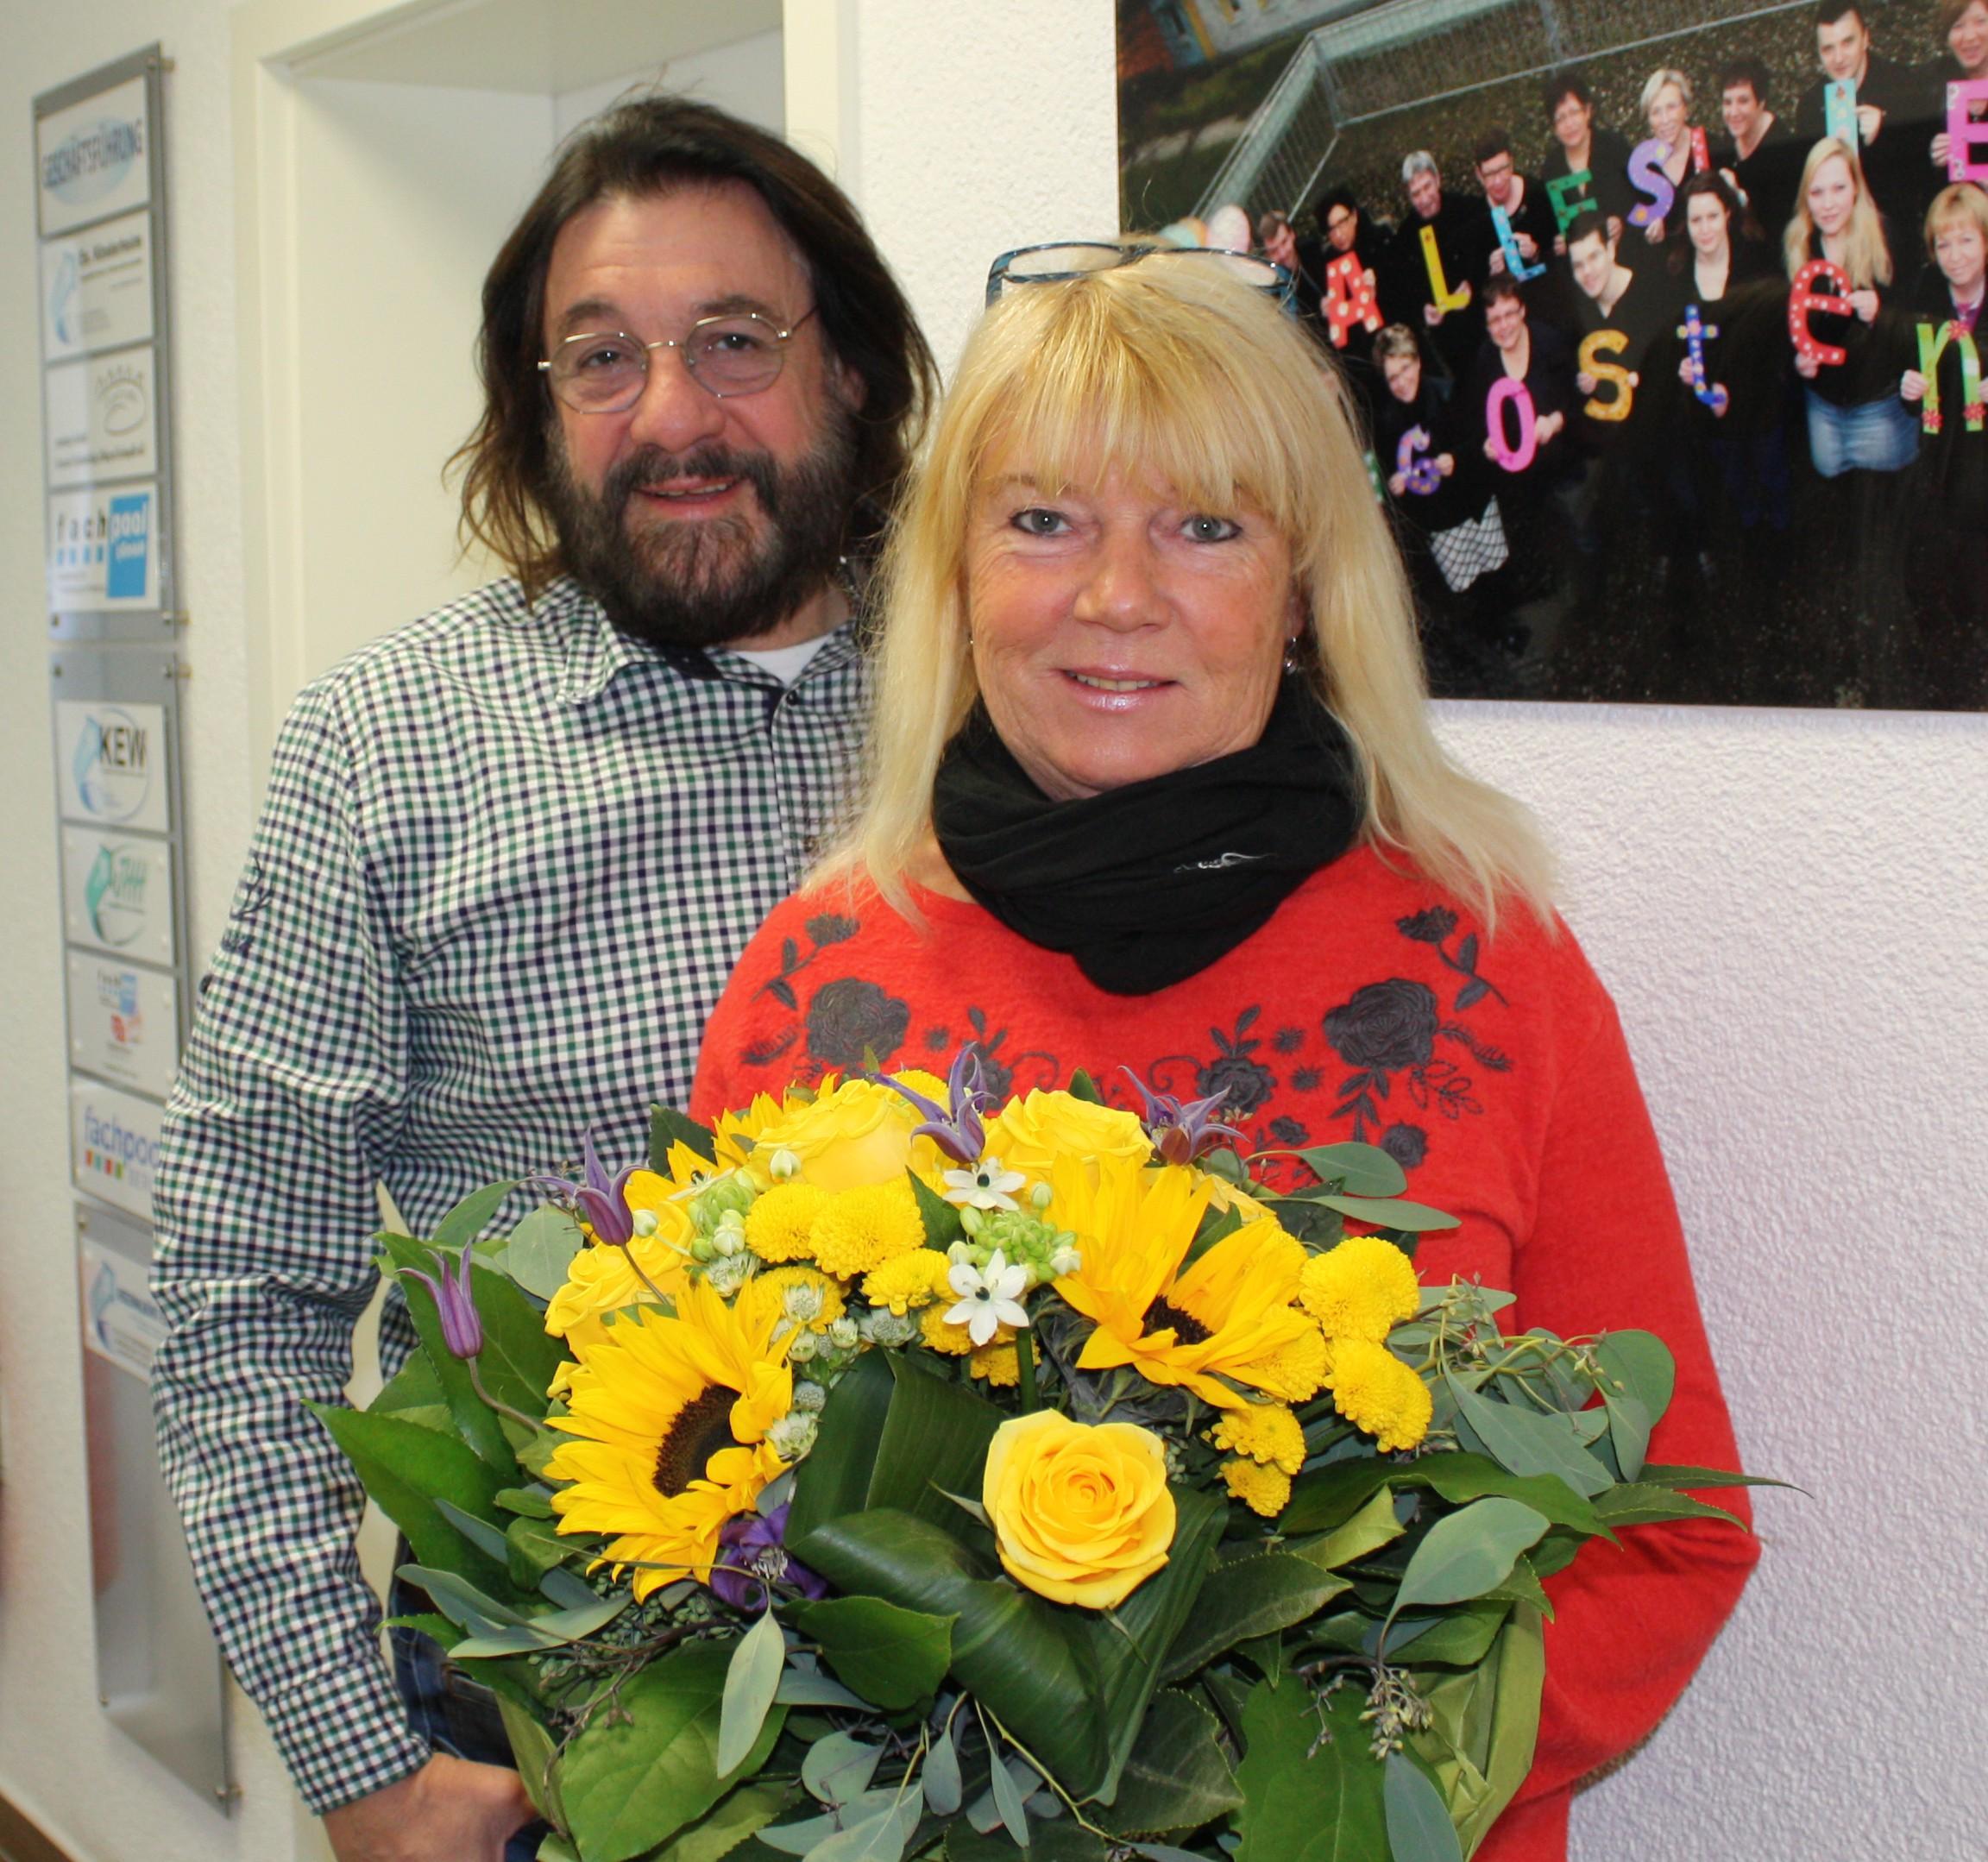 Herzlichen Gluckwunsch Zum 60 Geburtstag Ev Kinderheim Herne